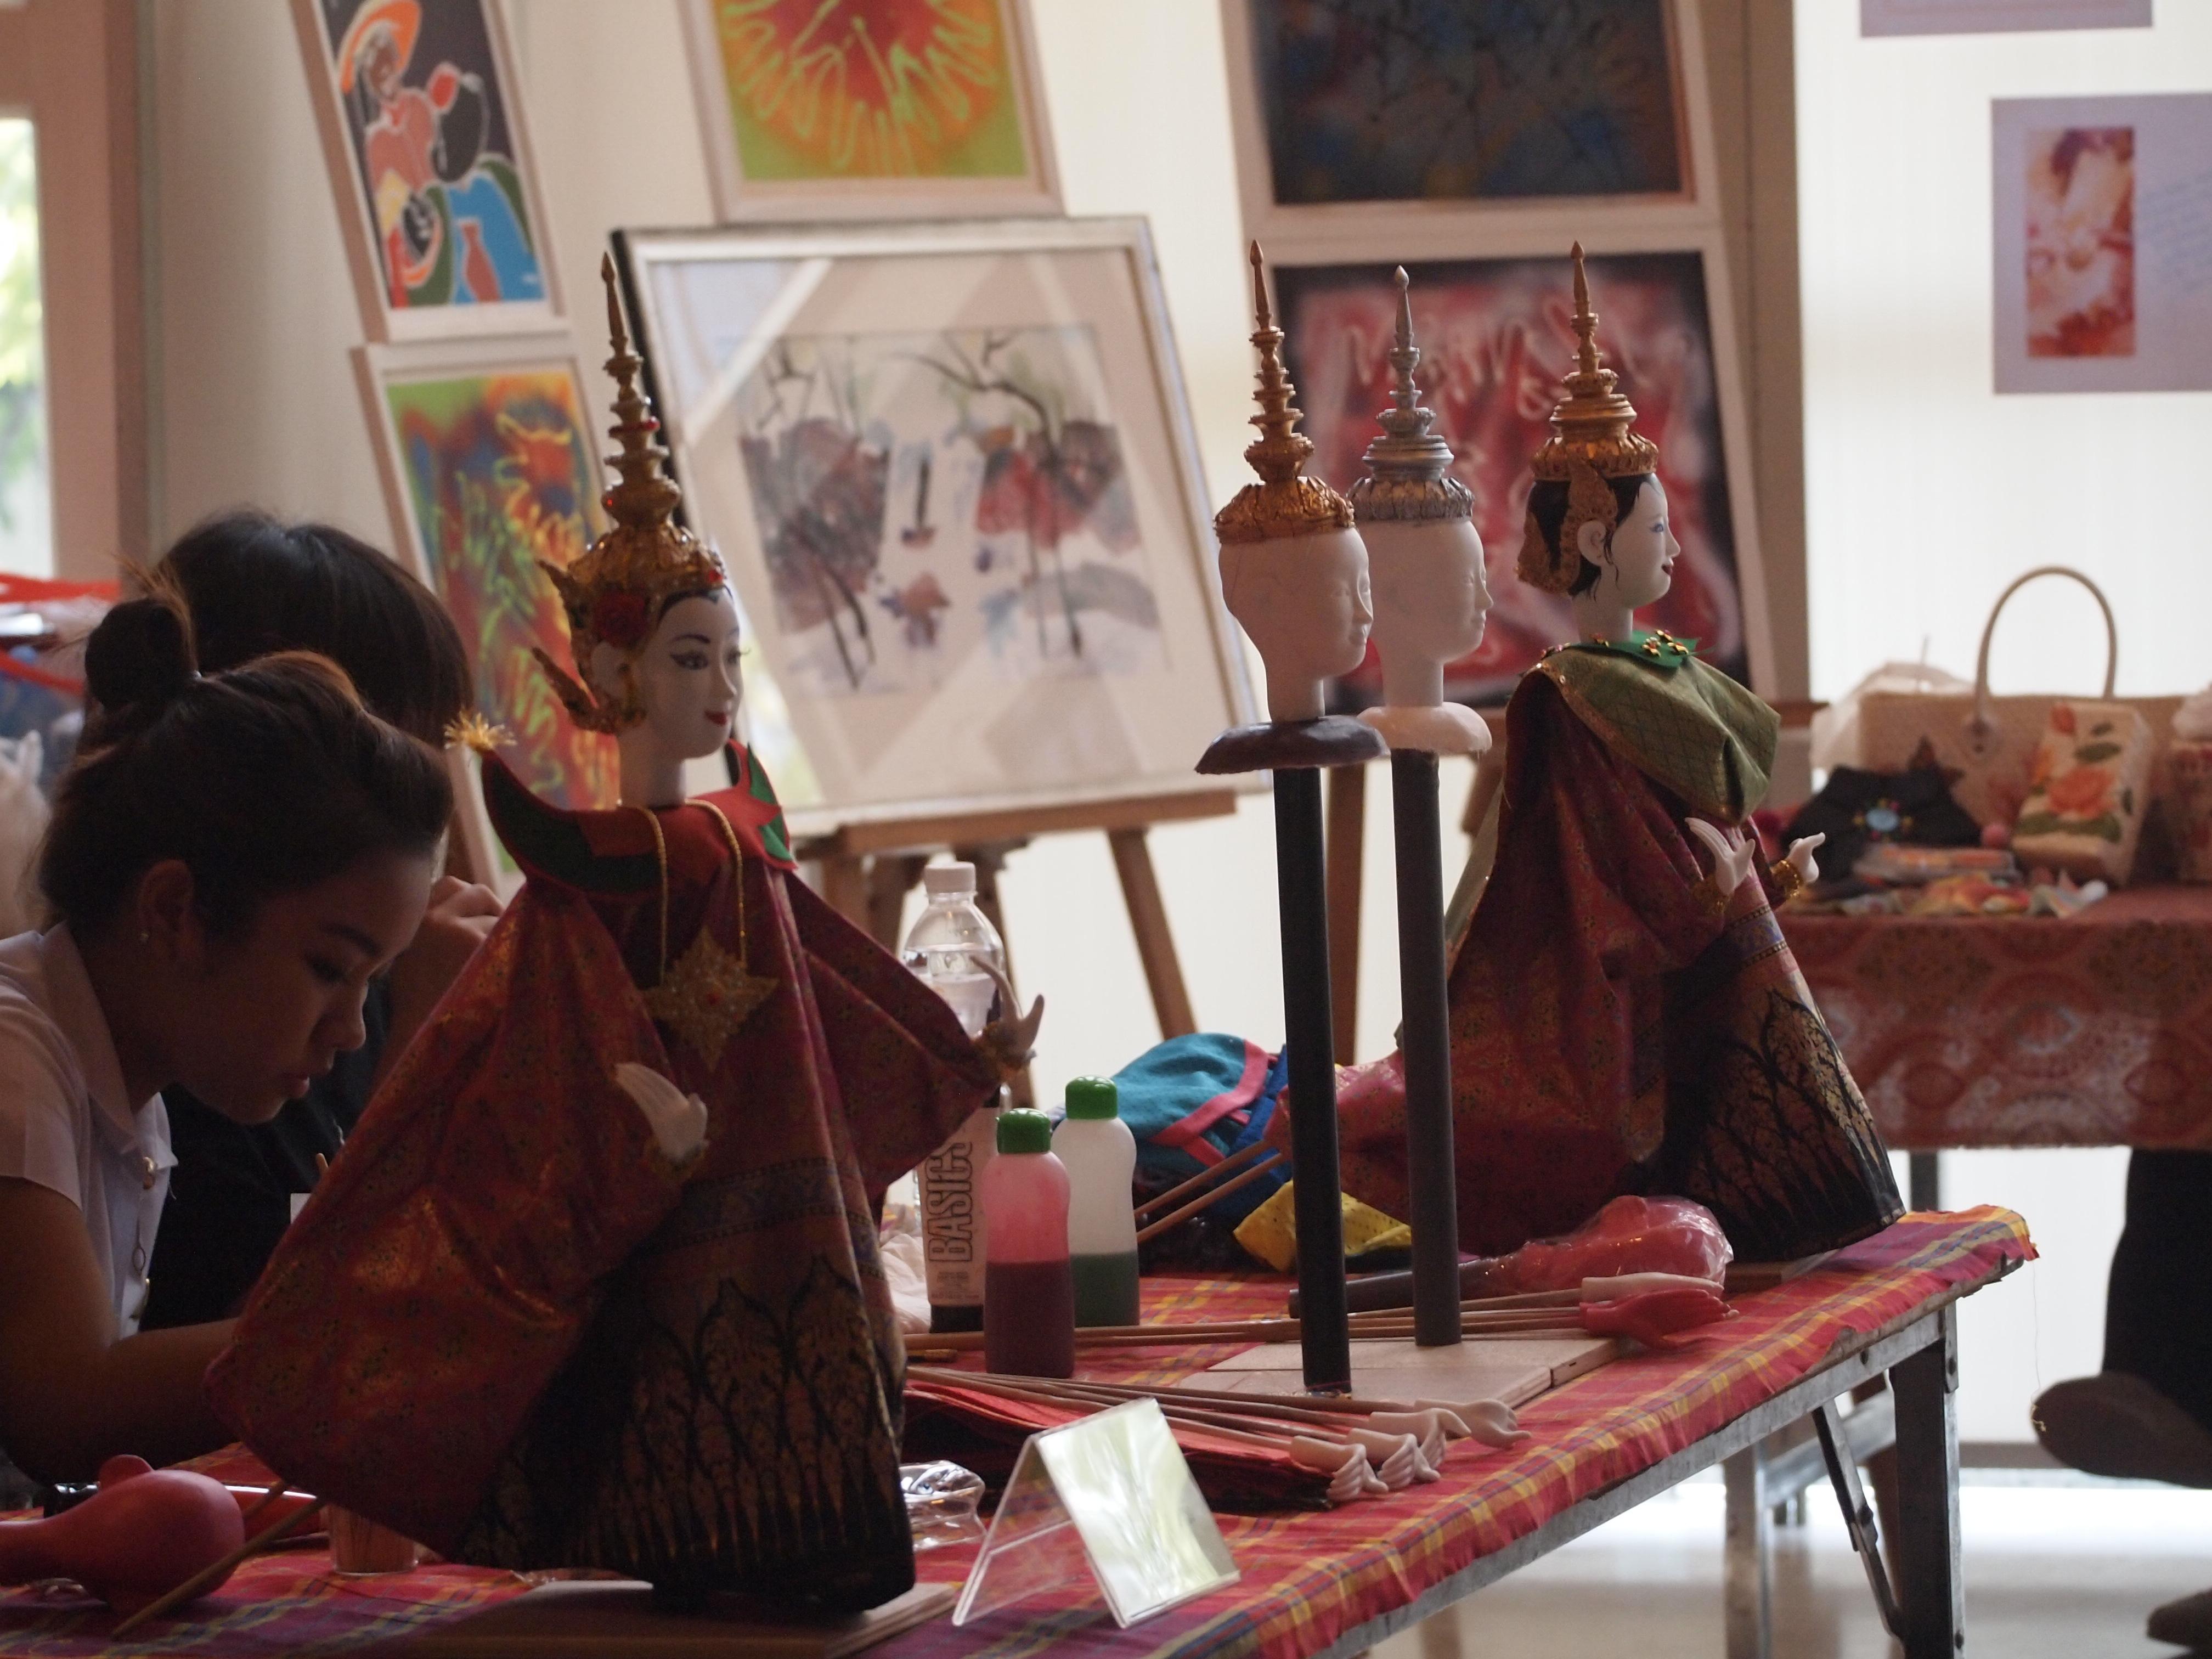 เด็กยุคใหม่ สืบสานนาฏศิลป์ไทย ใส่ใจวัฒนธรรม